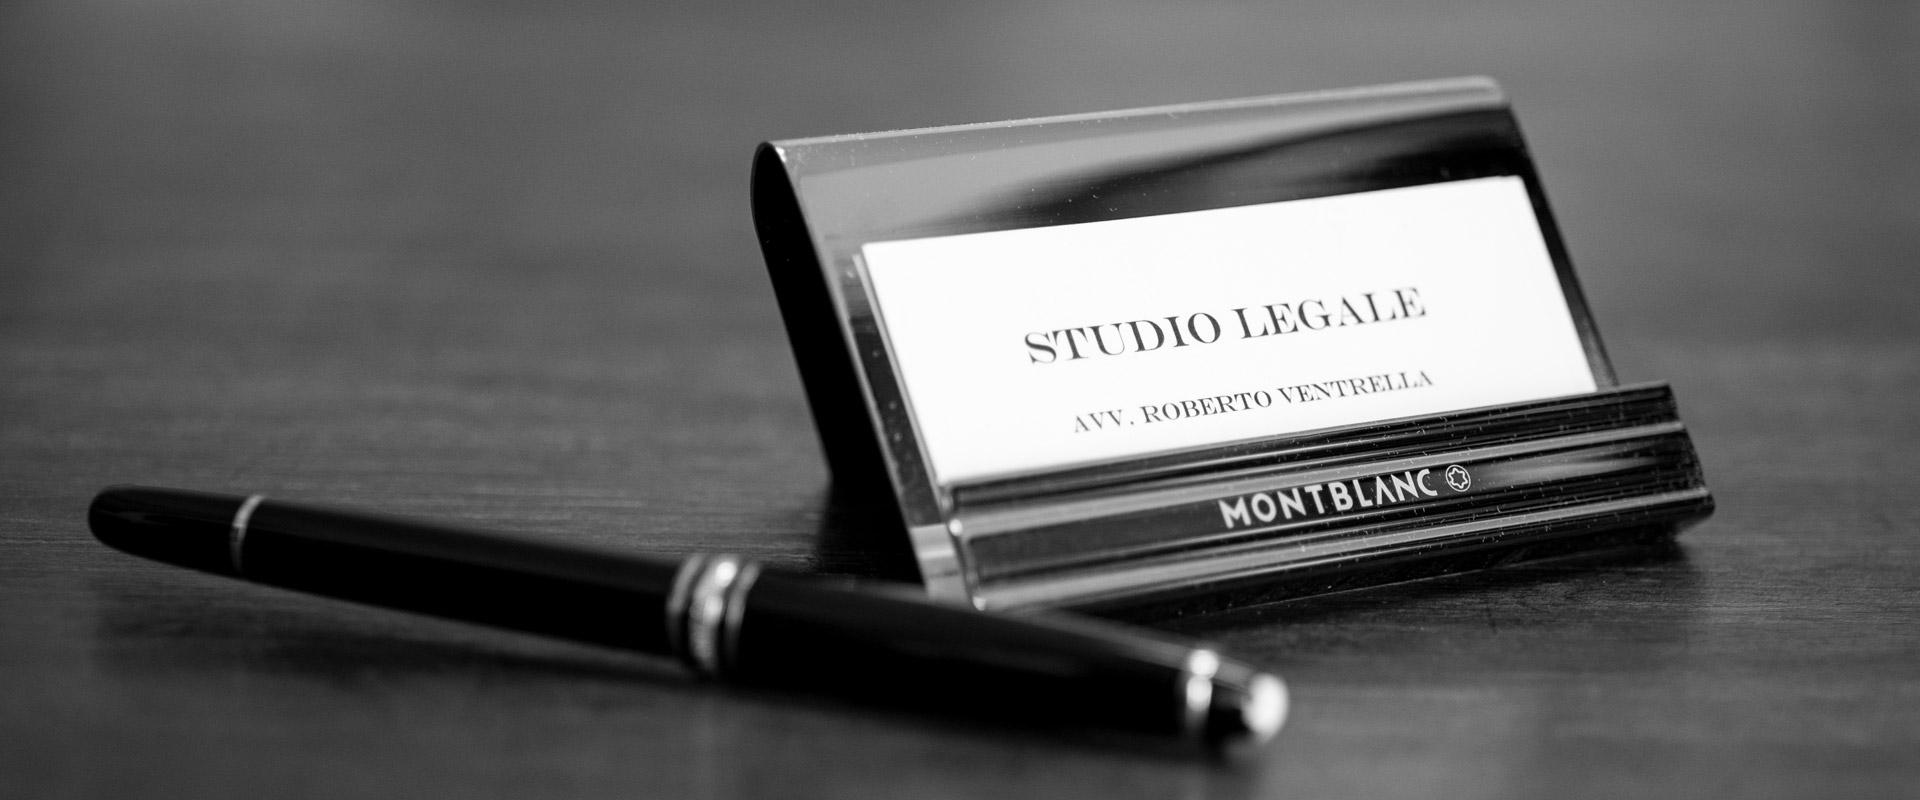 Firenze Studio legale Contatti